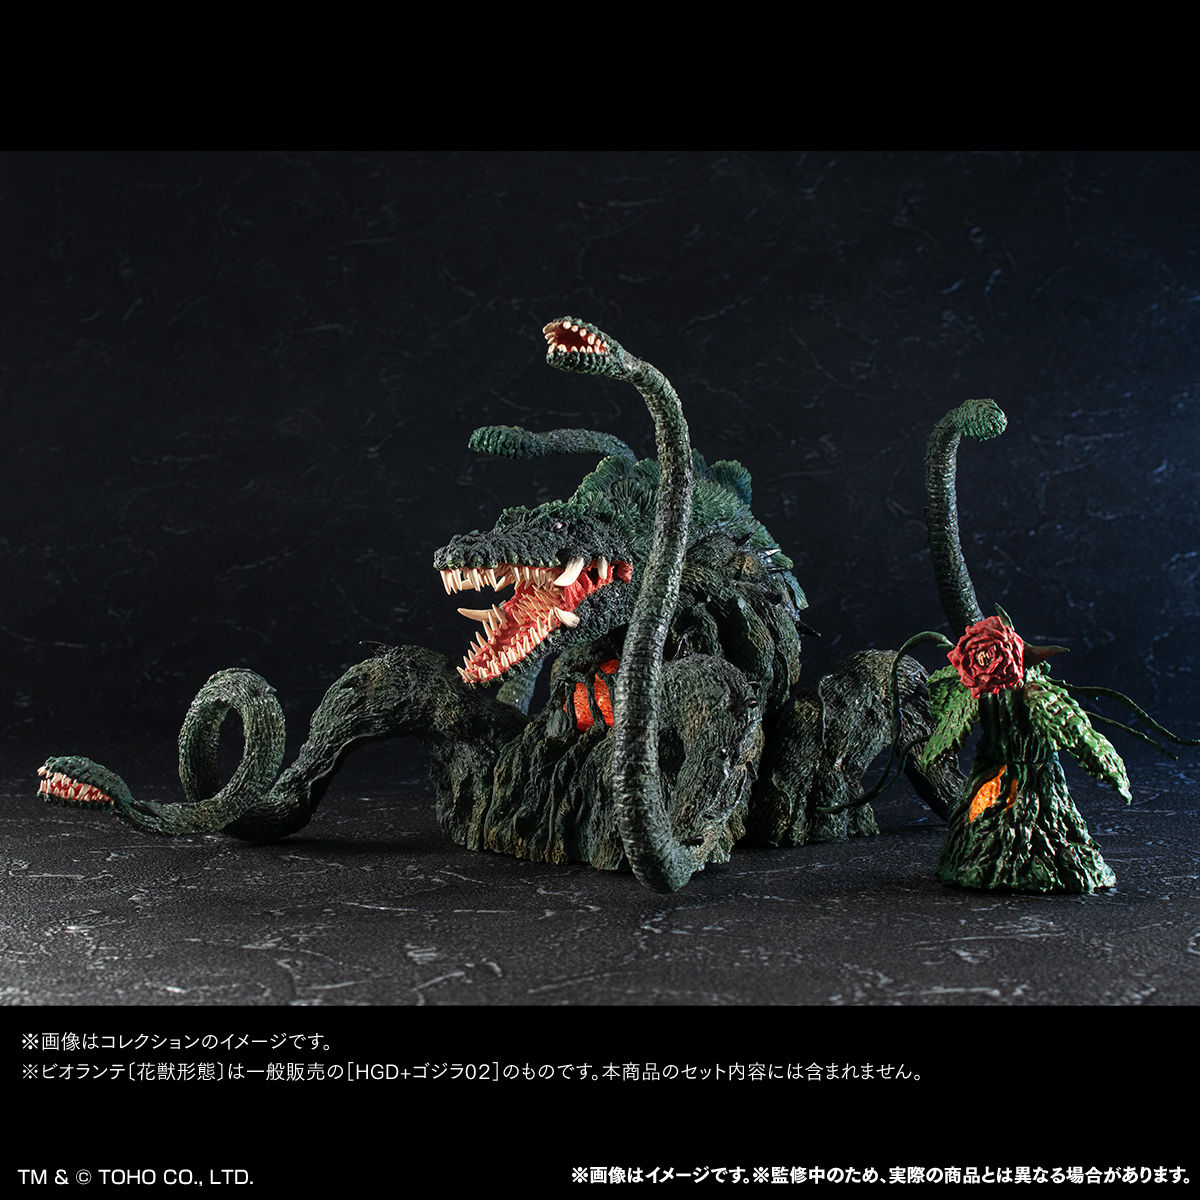 【限定販売】ゴジラvsビオランテ『HG D+EX ビオランテ(植獣形態)』完成品フィギュア-006